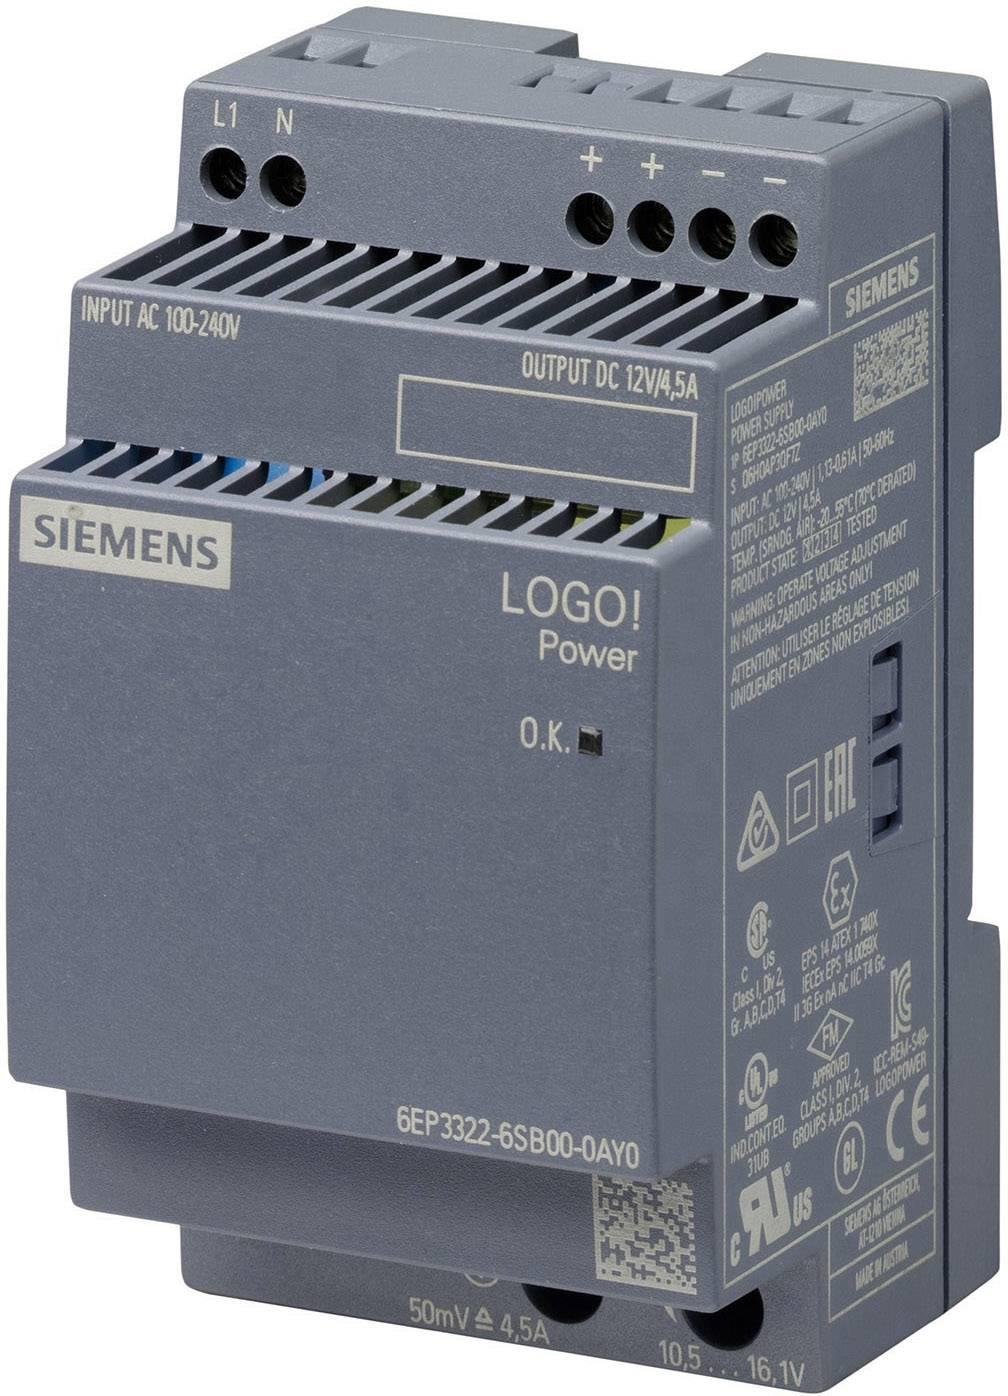 Sieťový zdroj na montážnu lištu (DIN lištu) Siemens 6EP3322-6SB00-0AY0, 1 x, 12 V/DC, 4.5 A, 54 W